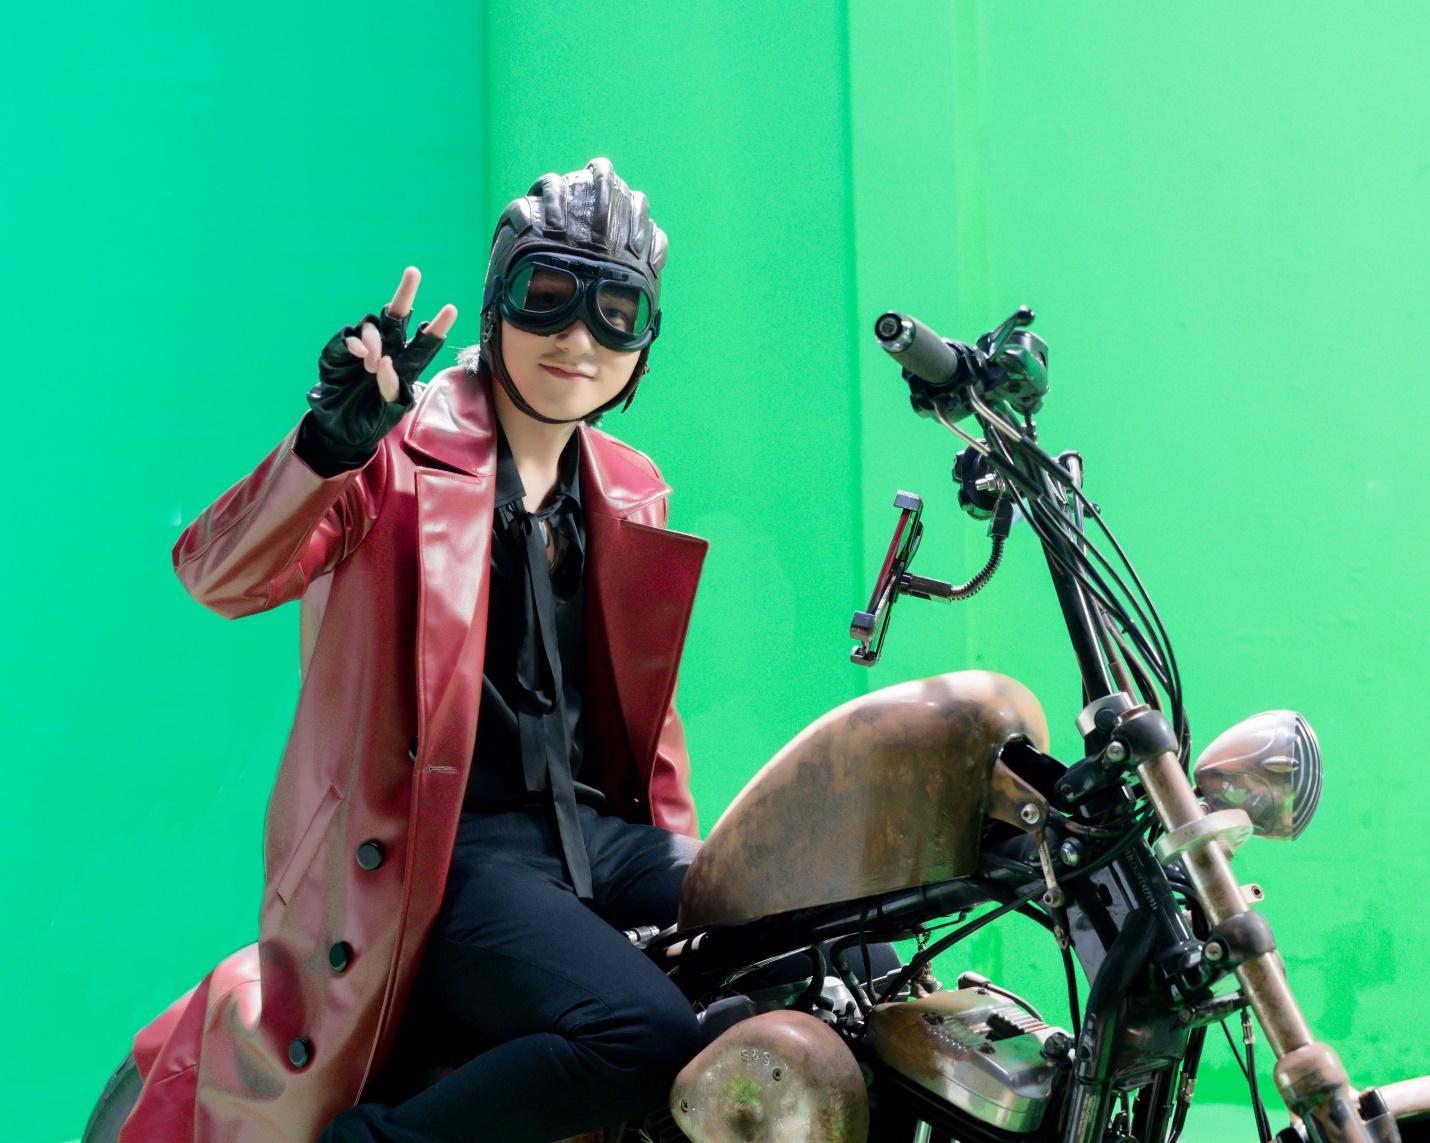 """Những hình ảnh hậu trường cực ngầu của Sơn Tùng khi nhập vai """"quái xế mô-tô"""" - Ảnh 6."""